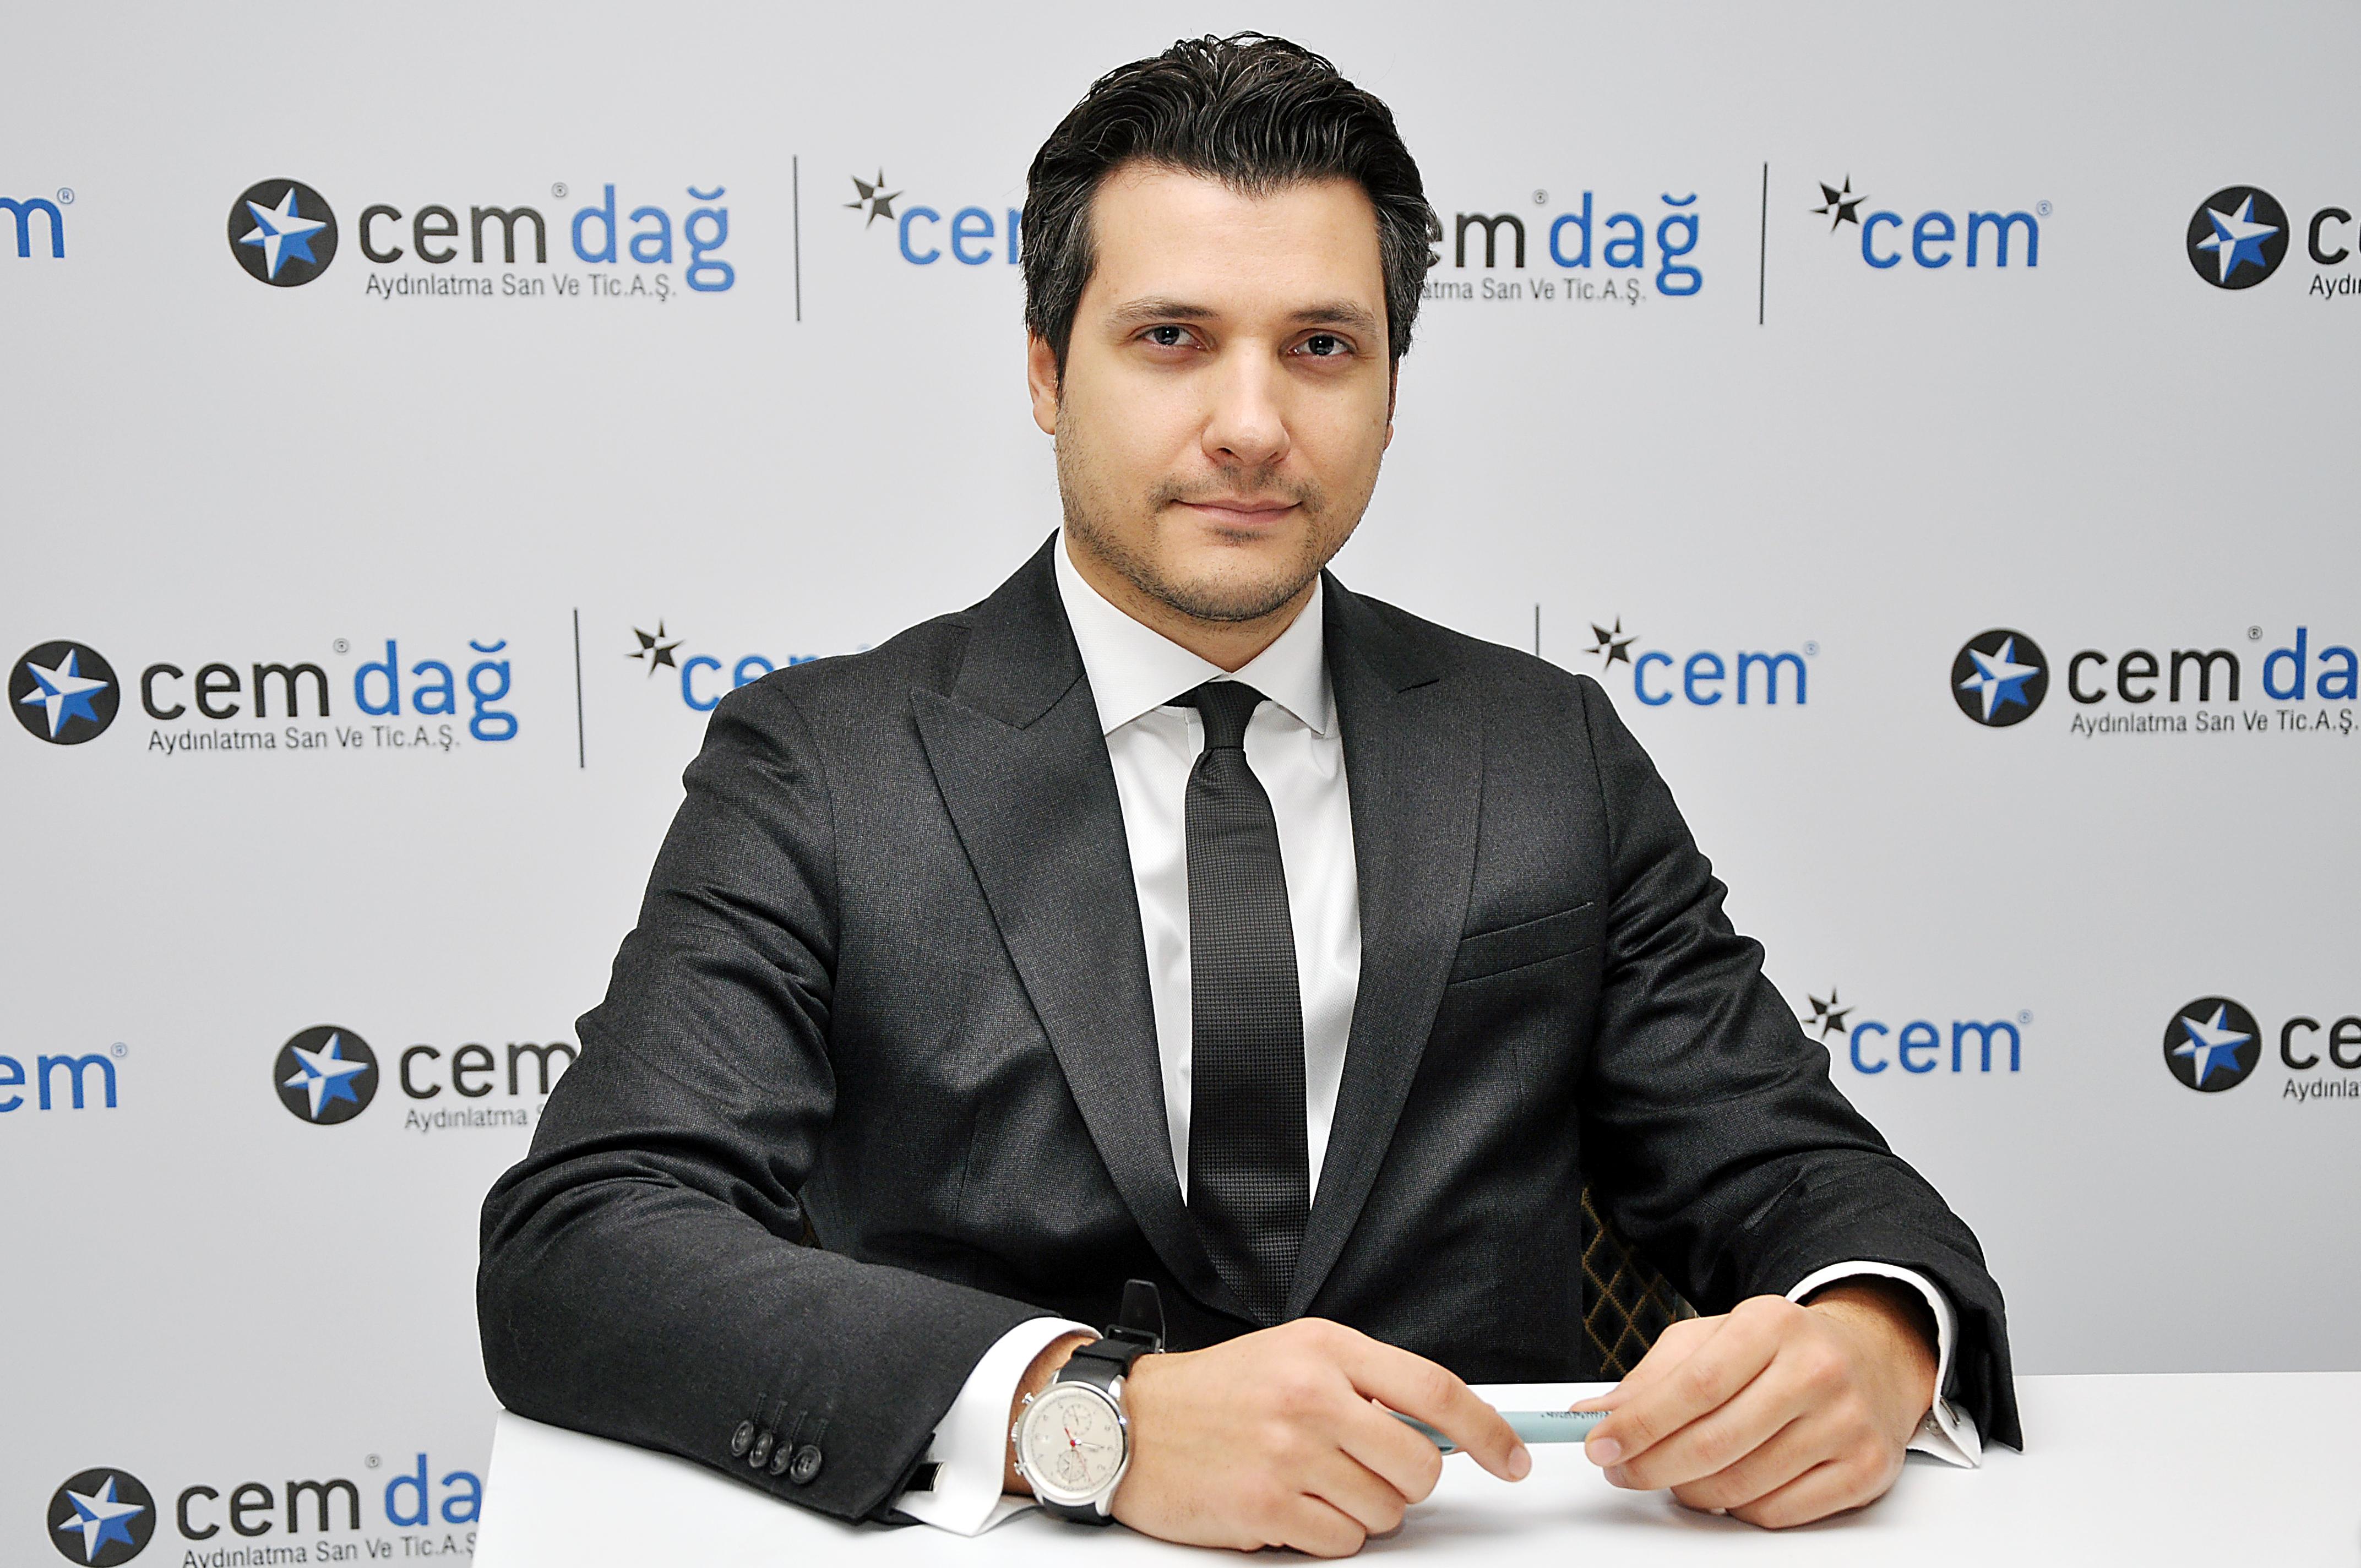 Cemdağ, Uluslararası ZHAGA Konsorsiyumu üyesi oldu